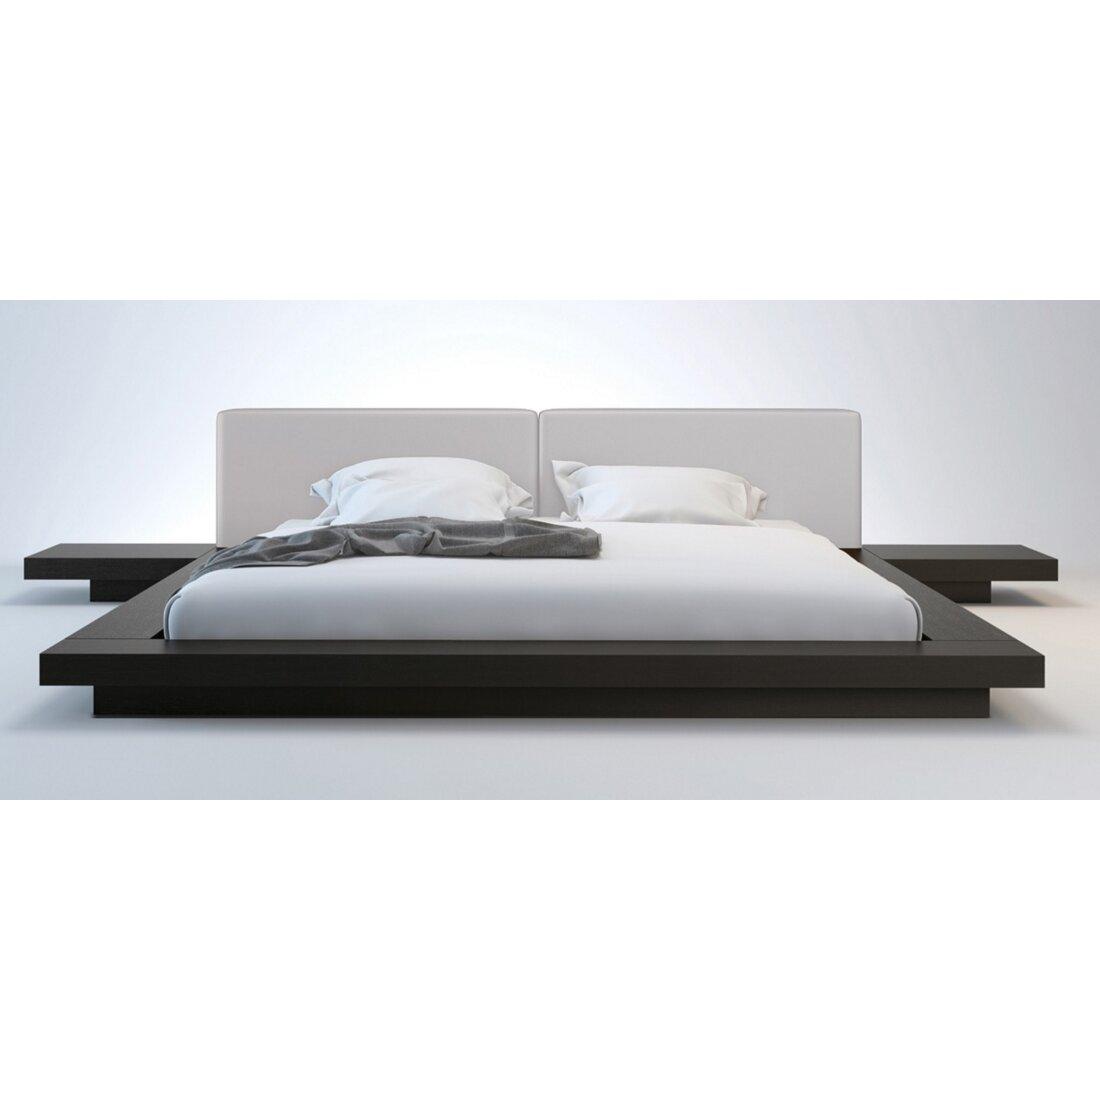 Nightstands for platform beds - Sloan Upholstered Platform Bed